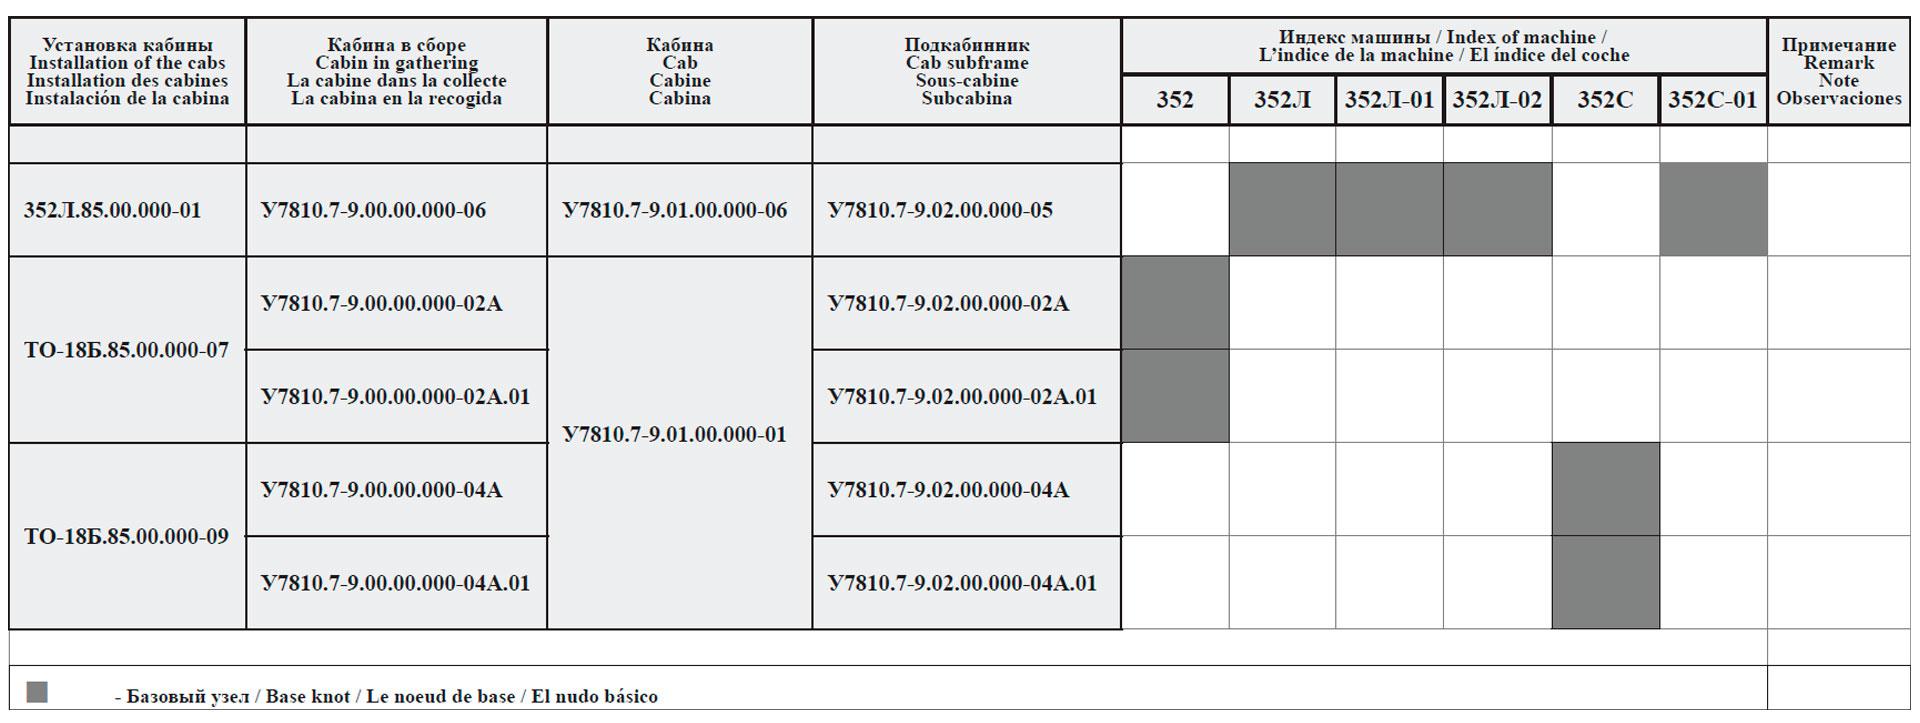 Сводная таблица комплектации машин кабинами